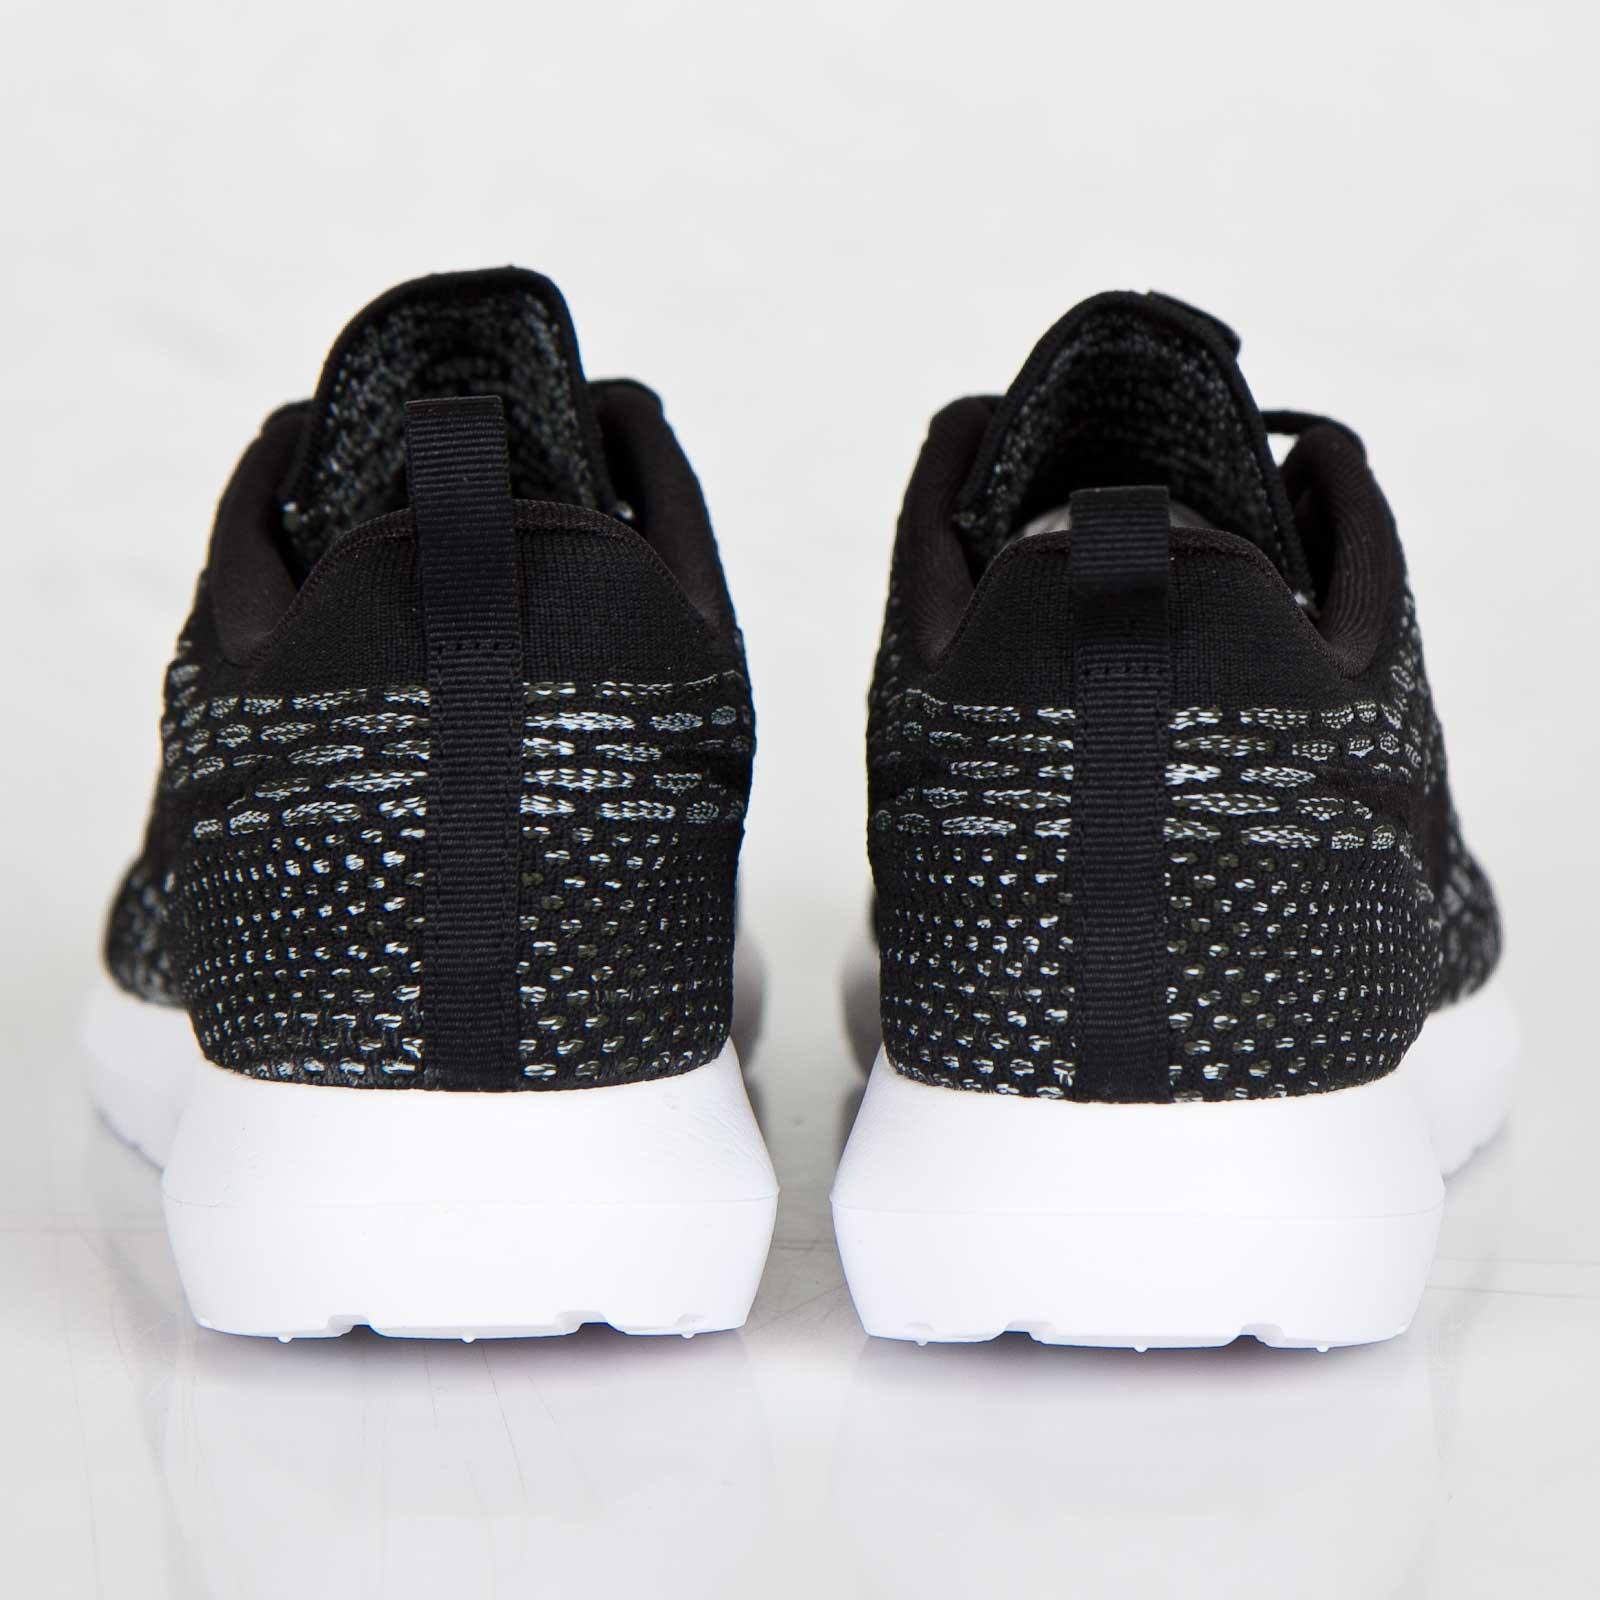 separation shoes 8d34e 684e7 ... closeout nike flyknit roshe run 685d9 fd9e7